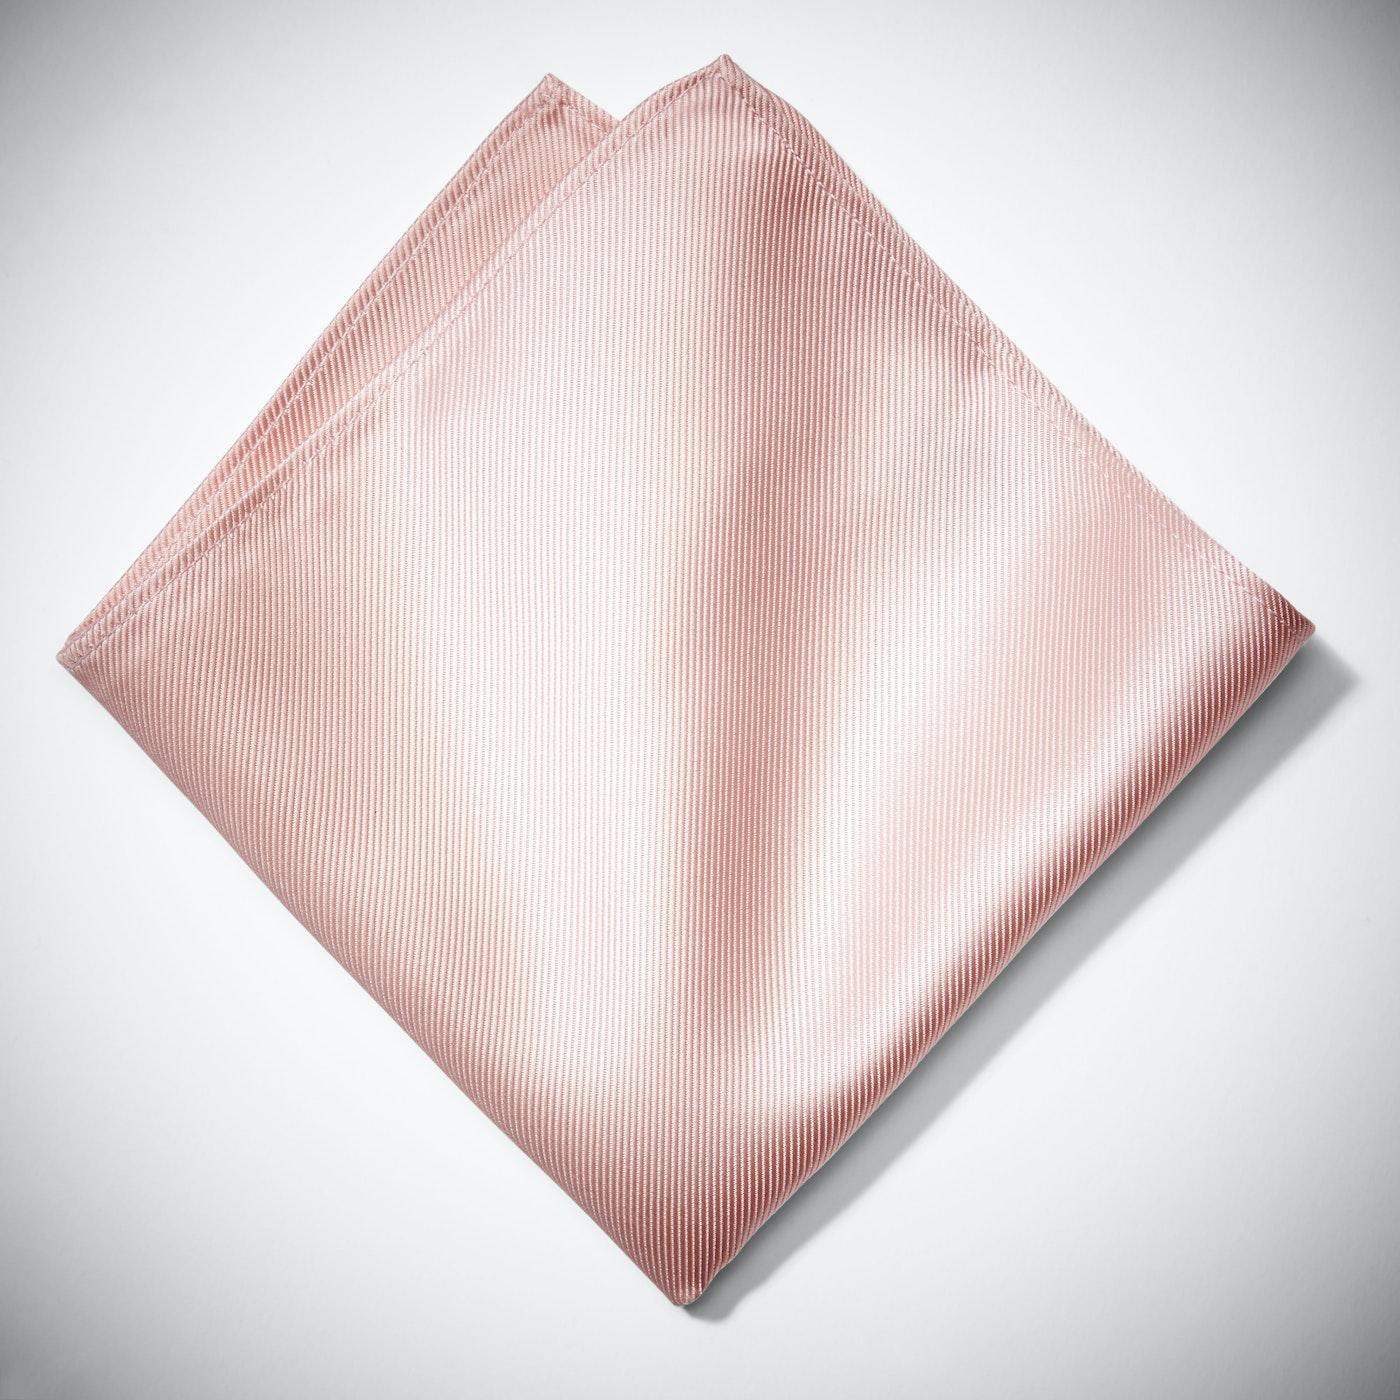 Blush Satin Pocket Square